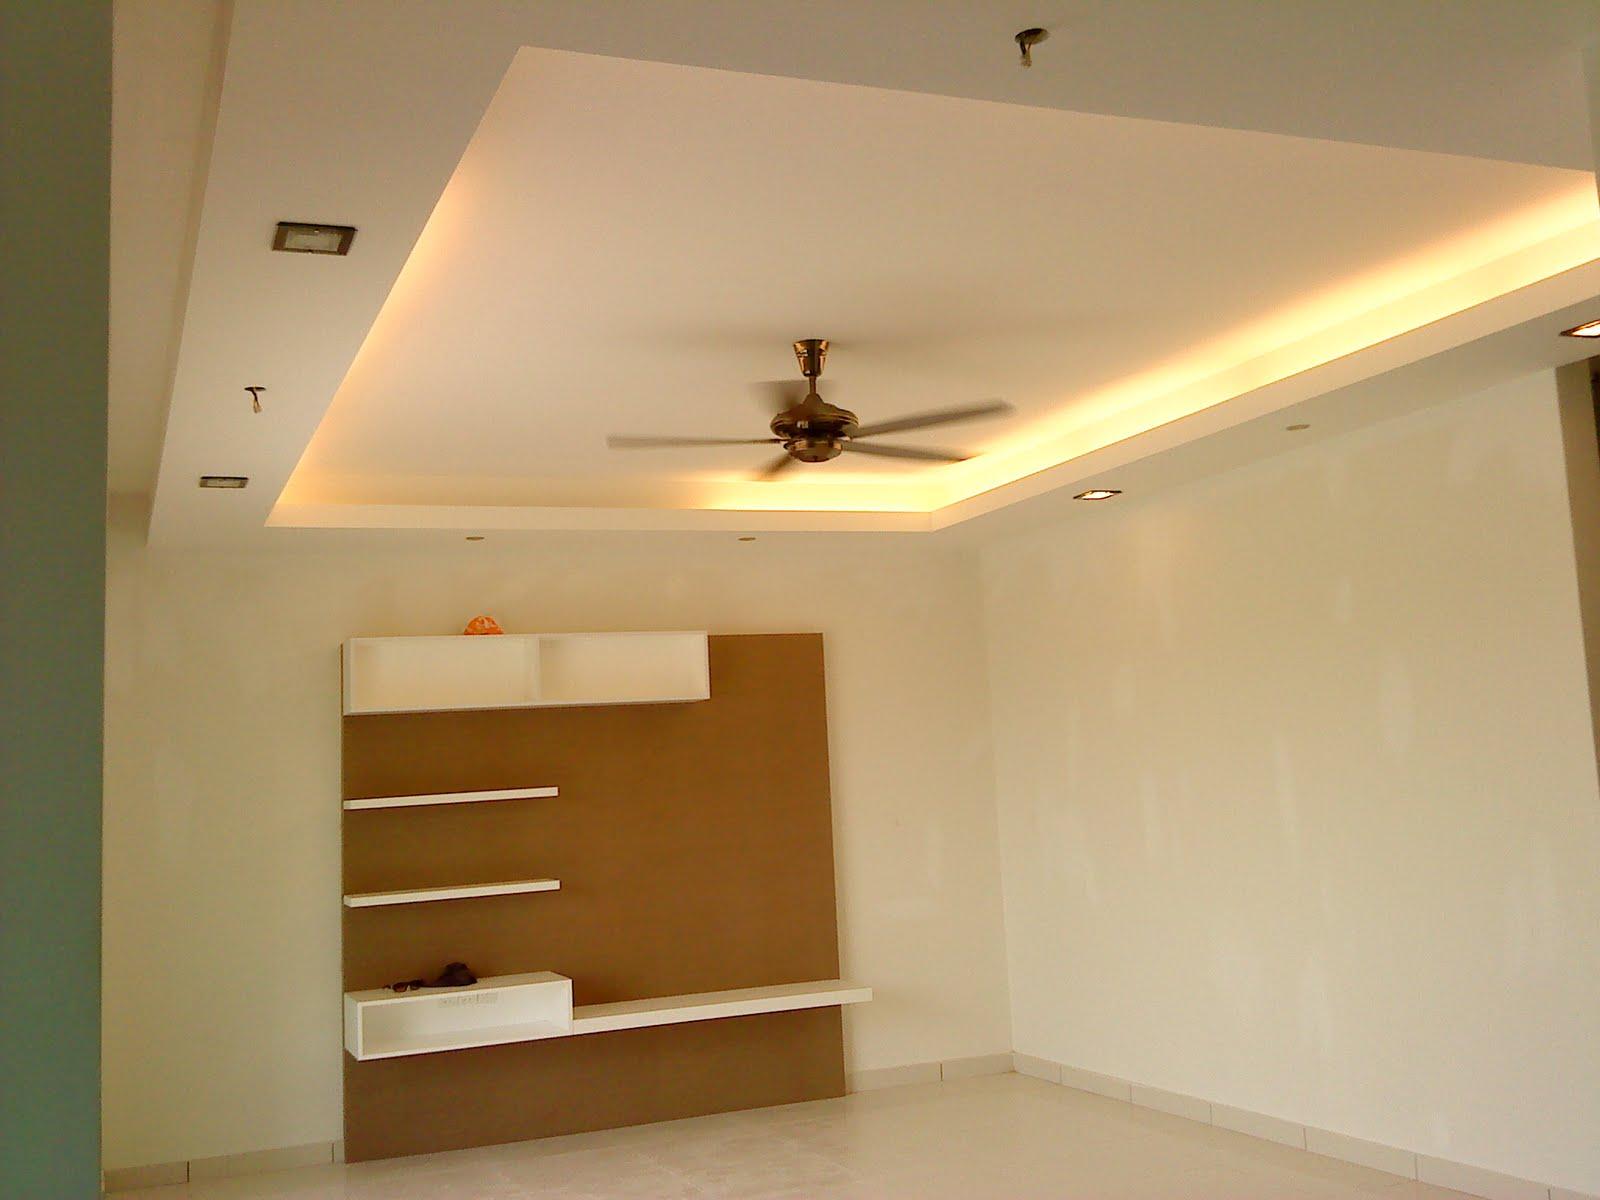 My love affair with plaster ceiling contractor for Techo de escayola decoracion simple